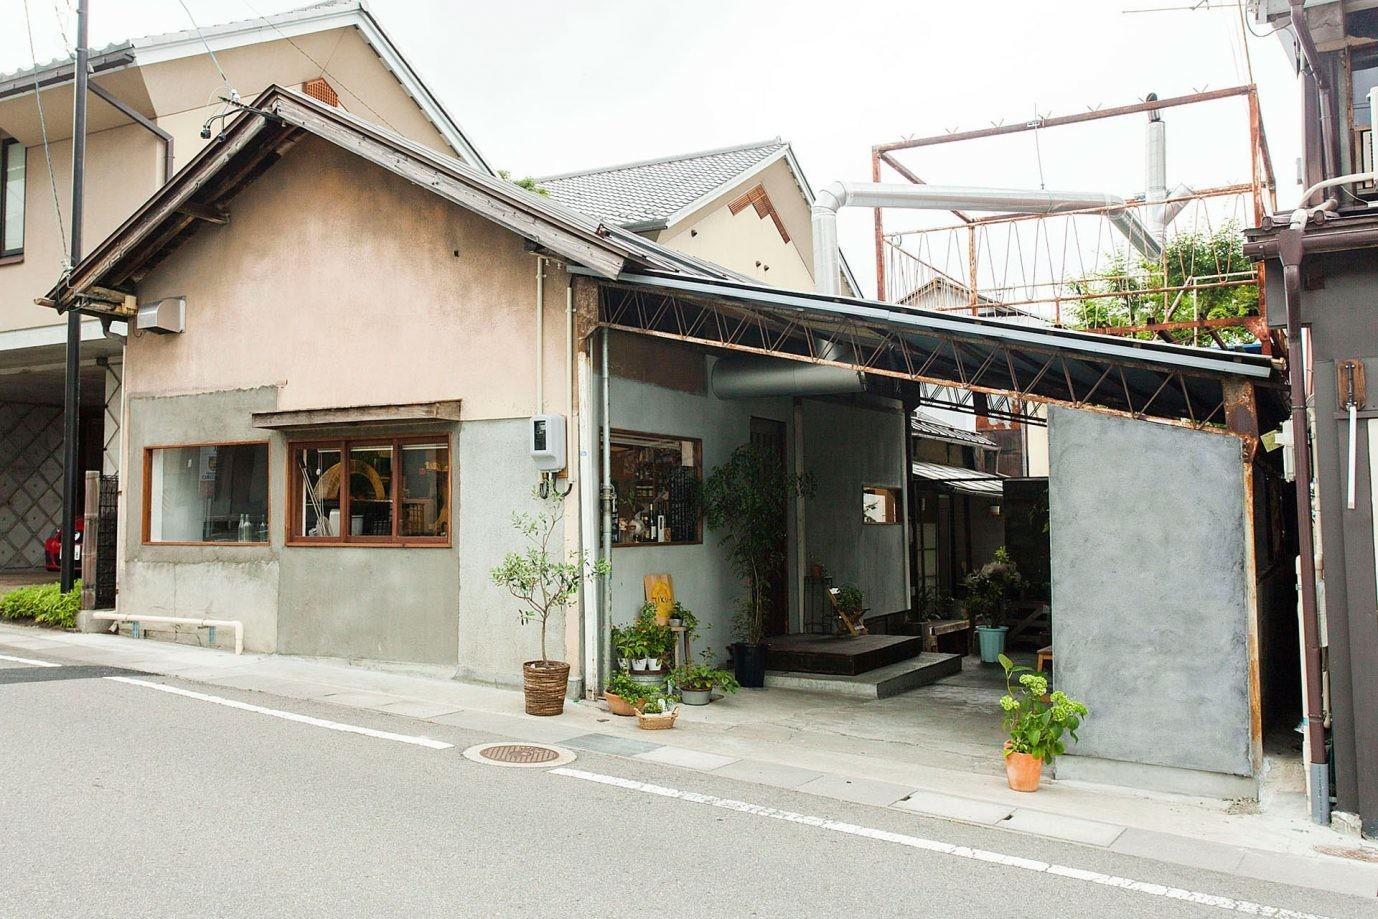 薪窯焼 PIZZA TIKUの建築事例写真